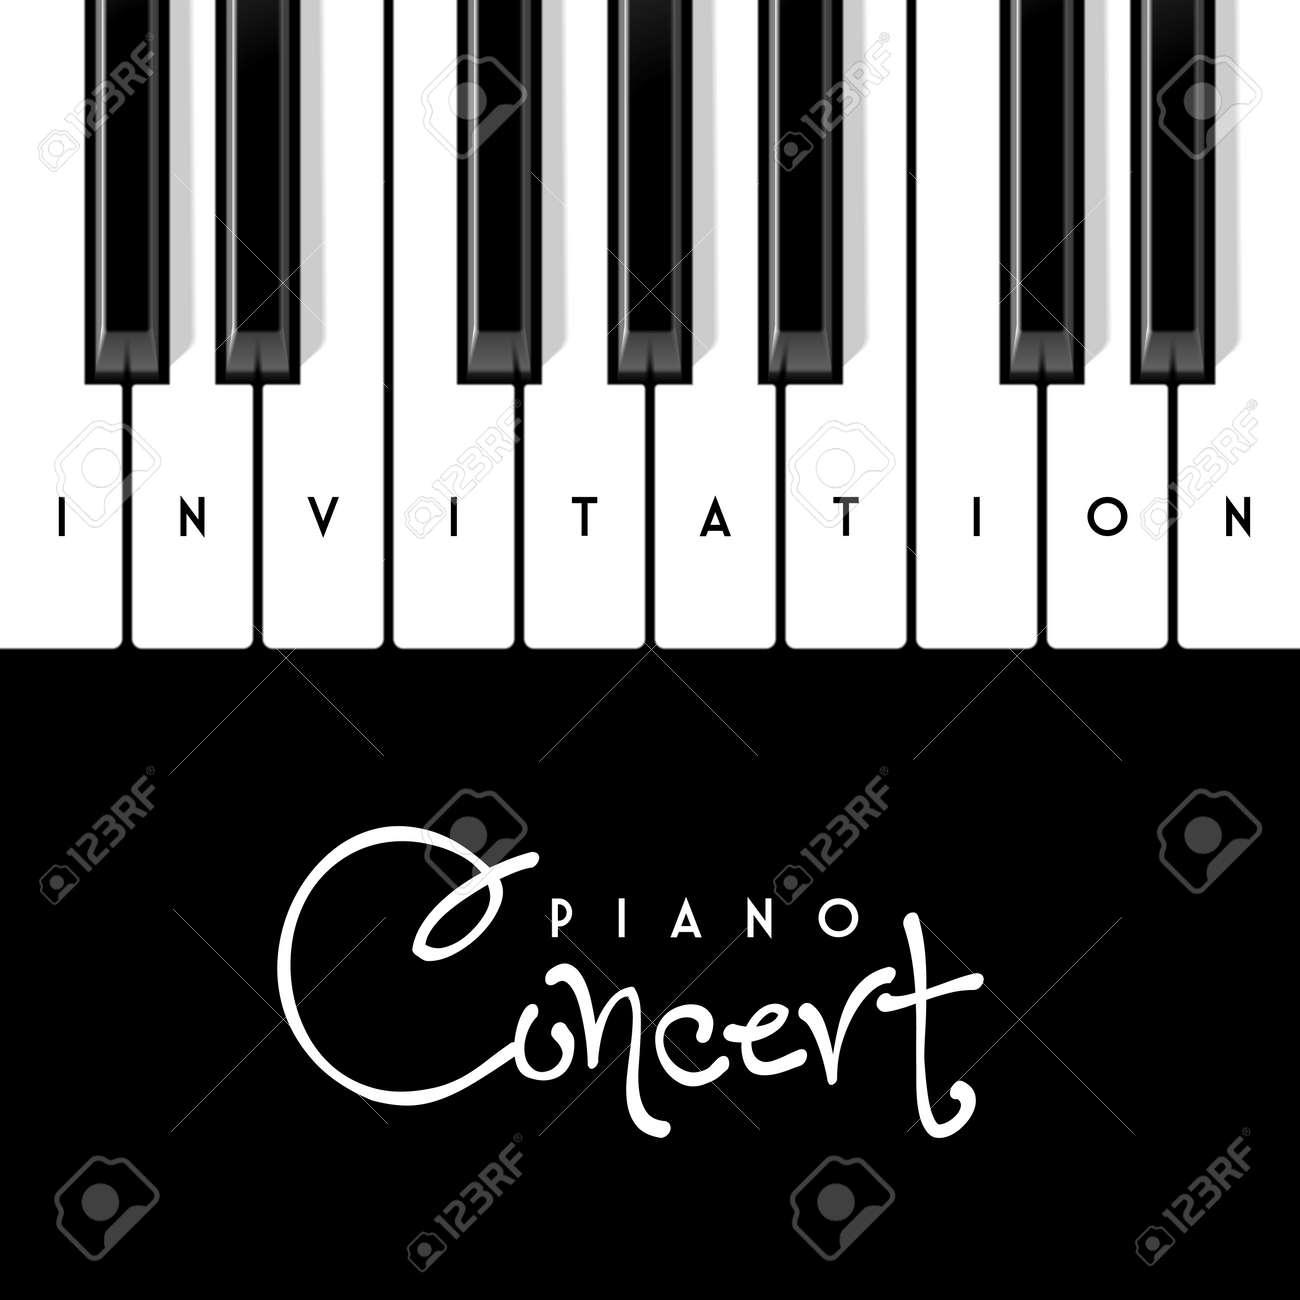 Concierto De Piano Plantilla De Diseño De La Invitación ...